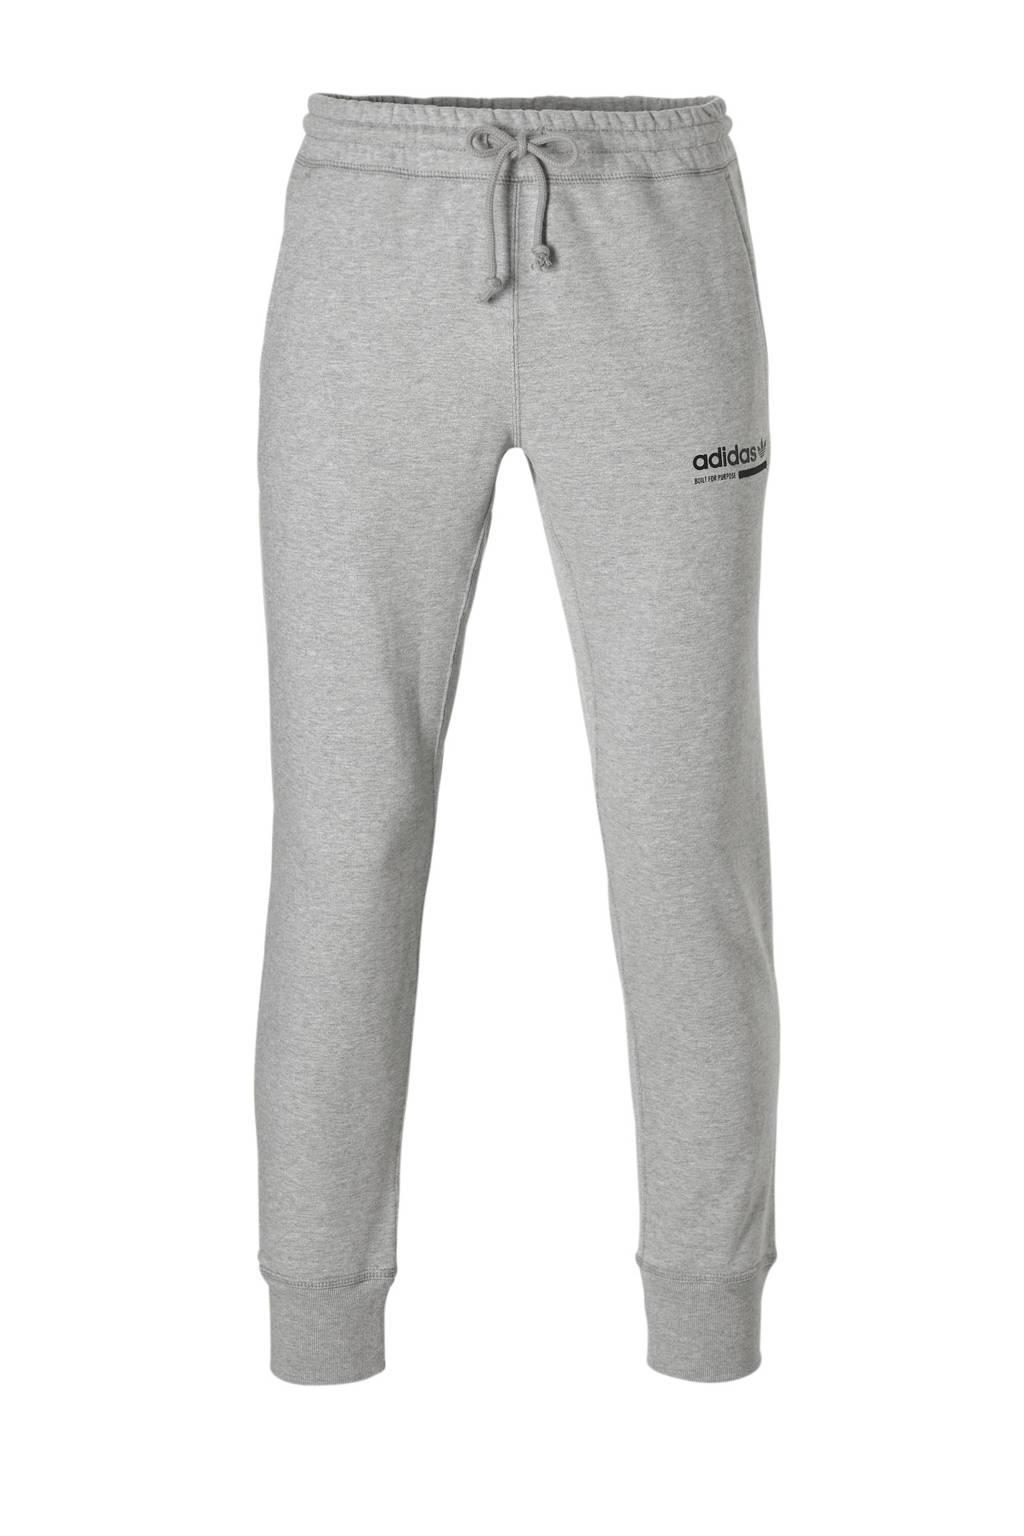 Joggingbroek Grijs Heren.Adidas Originals Joggingbroek Grijs Wehkamp